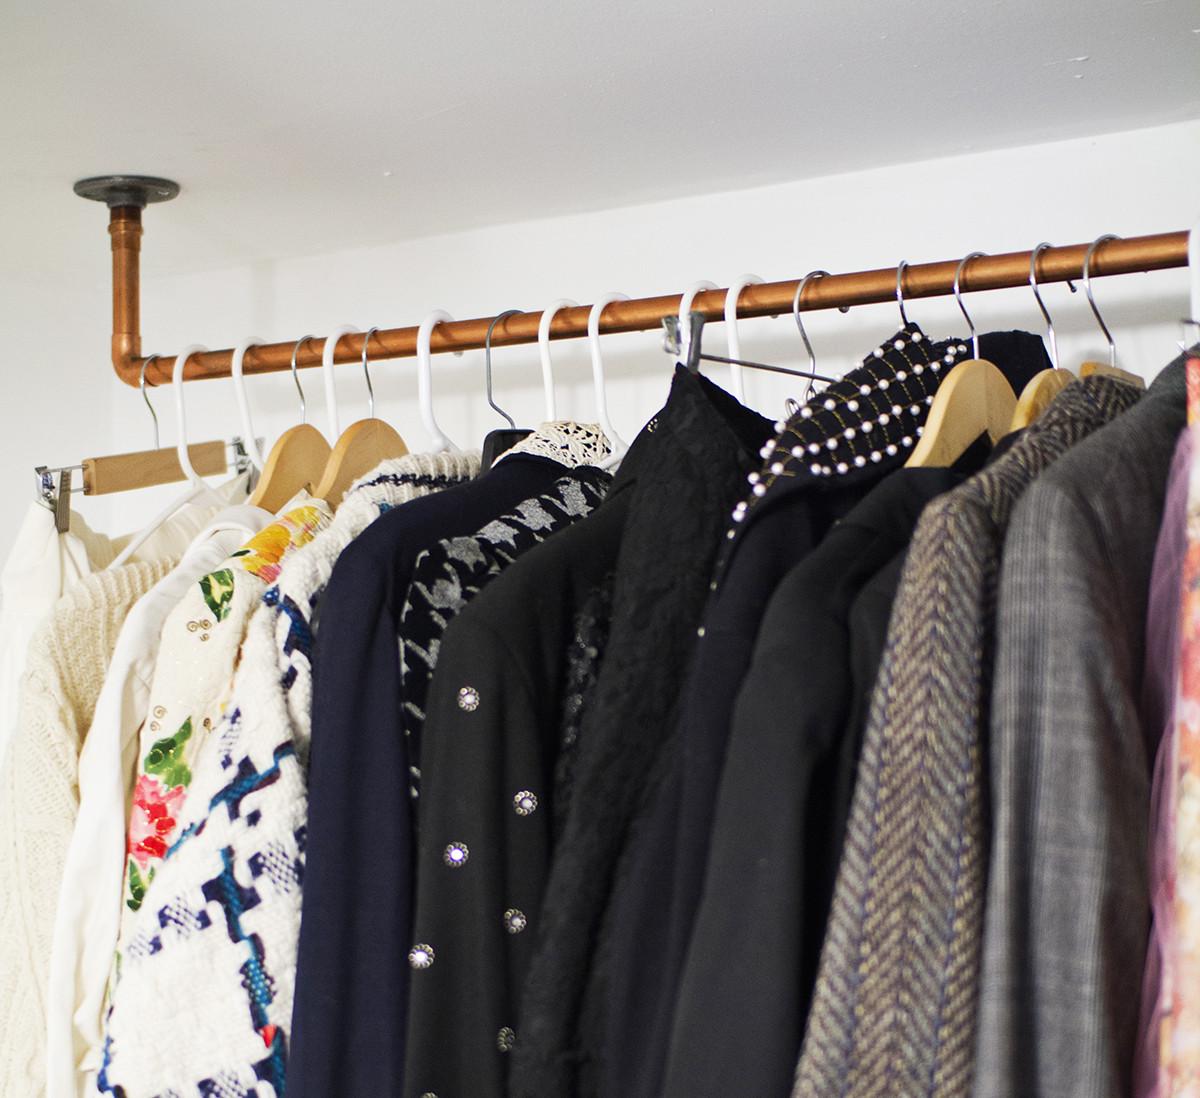 DIY Hanger Rack  23 Pipe Clothing Rack DIY Tutorials